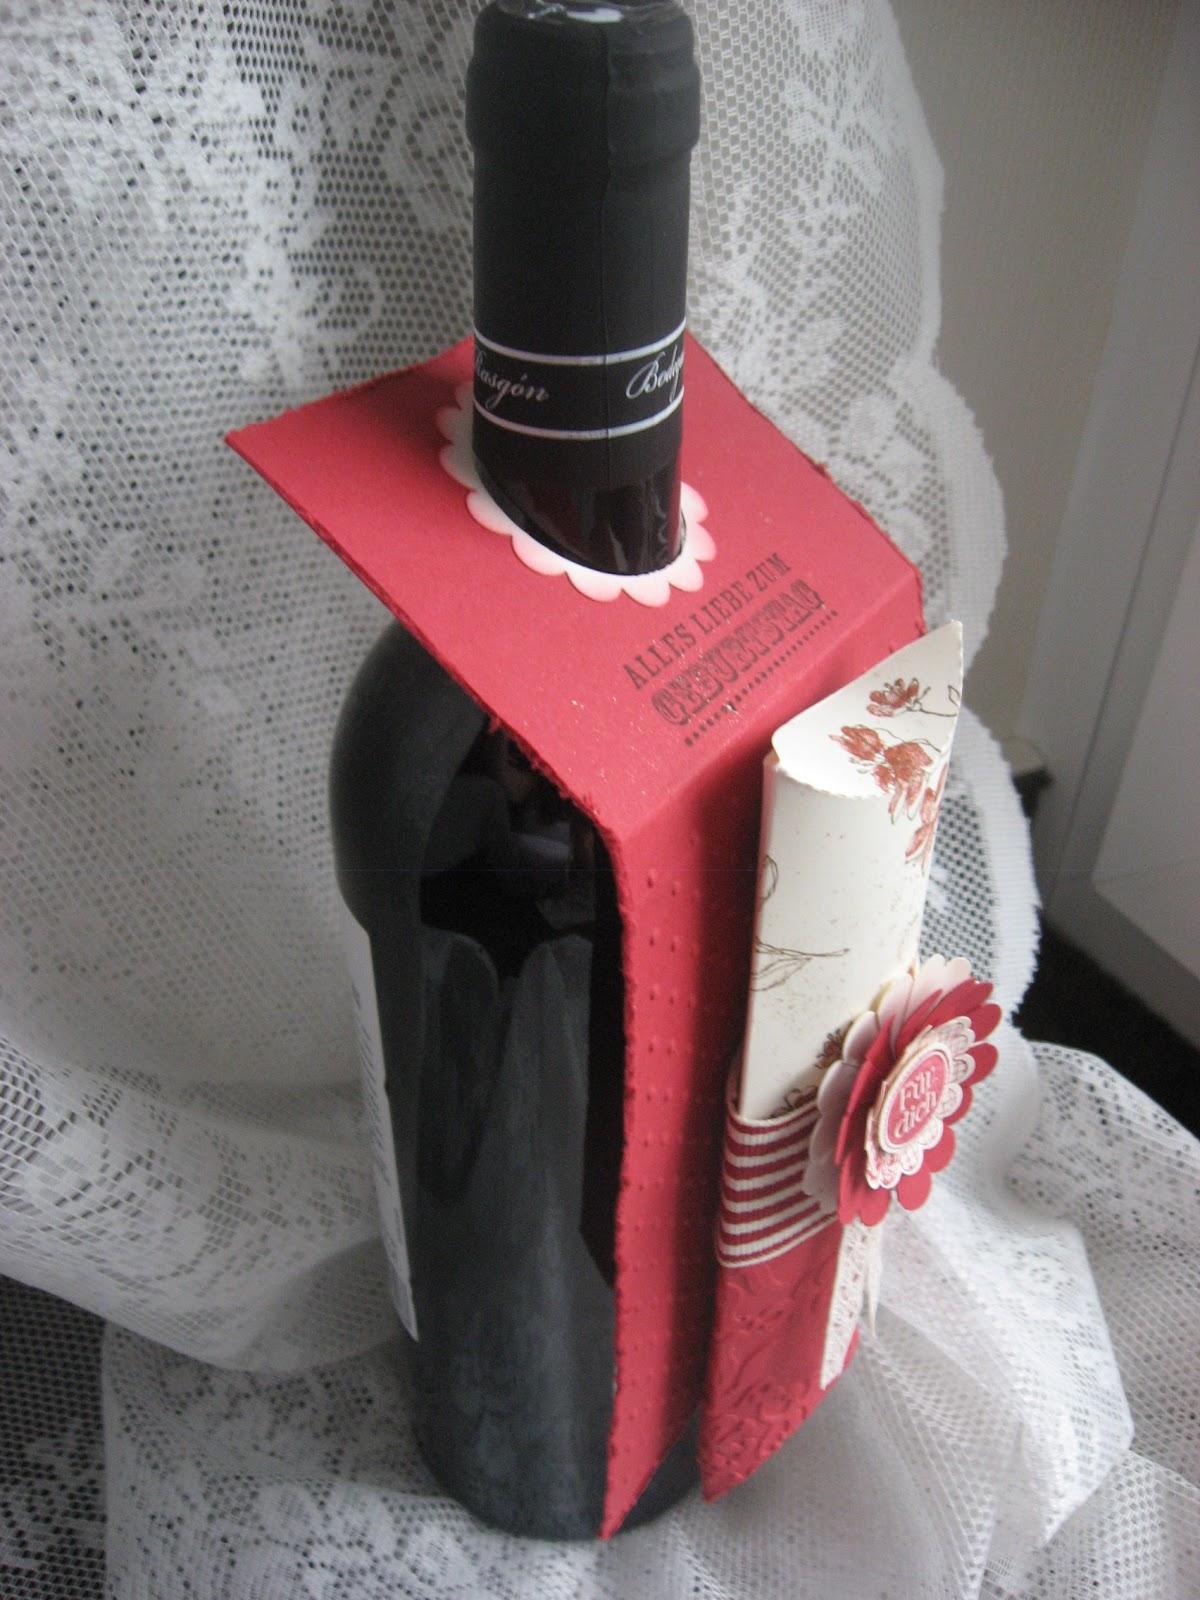 Glitzerperle weinflaschen deko - Weinflaschen deko ...